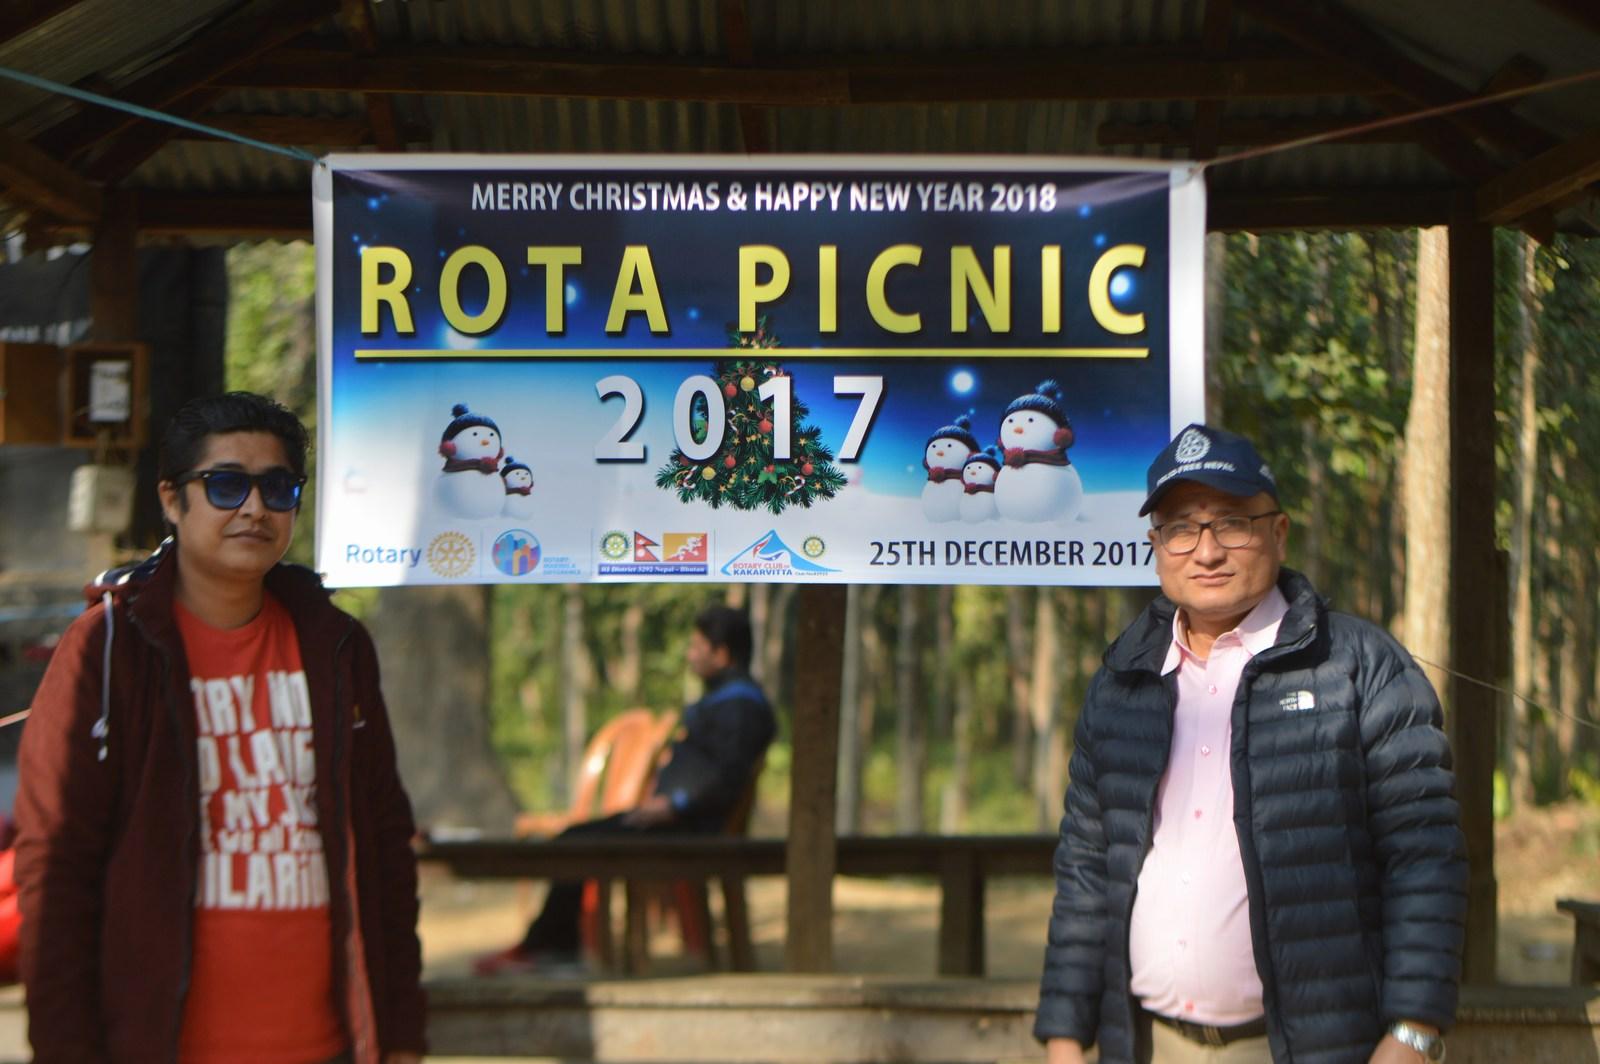 Rota-Picnic-2017-Rotary-Club-of-Kakarvitta-7